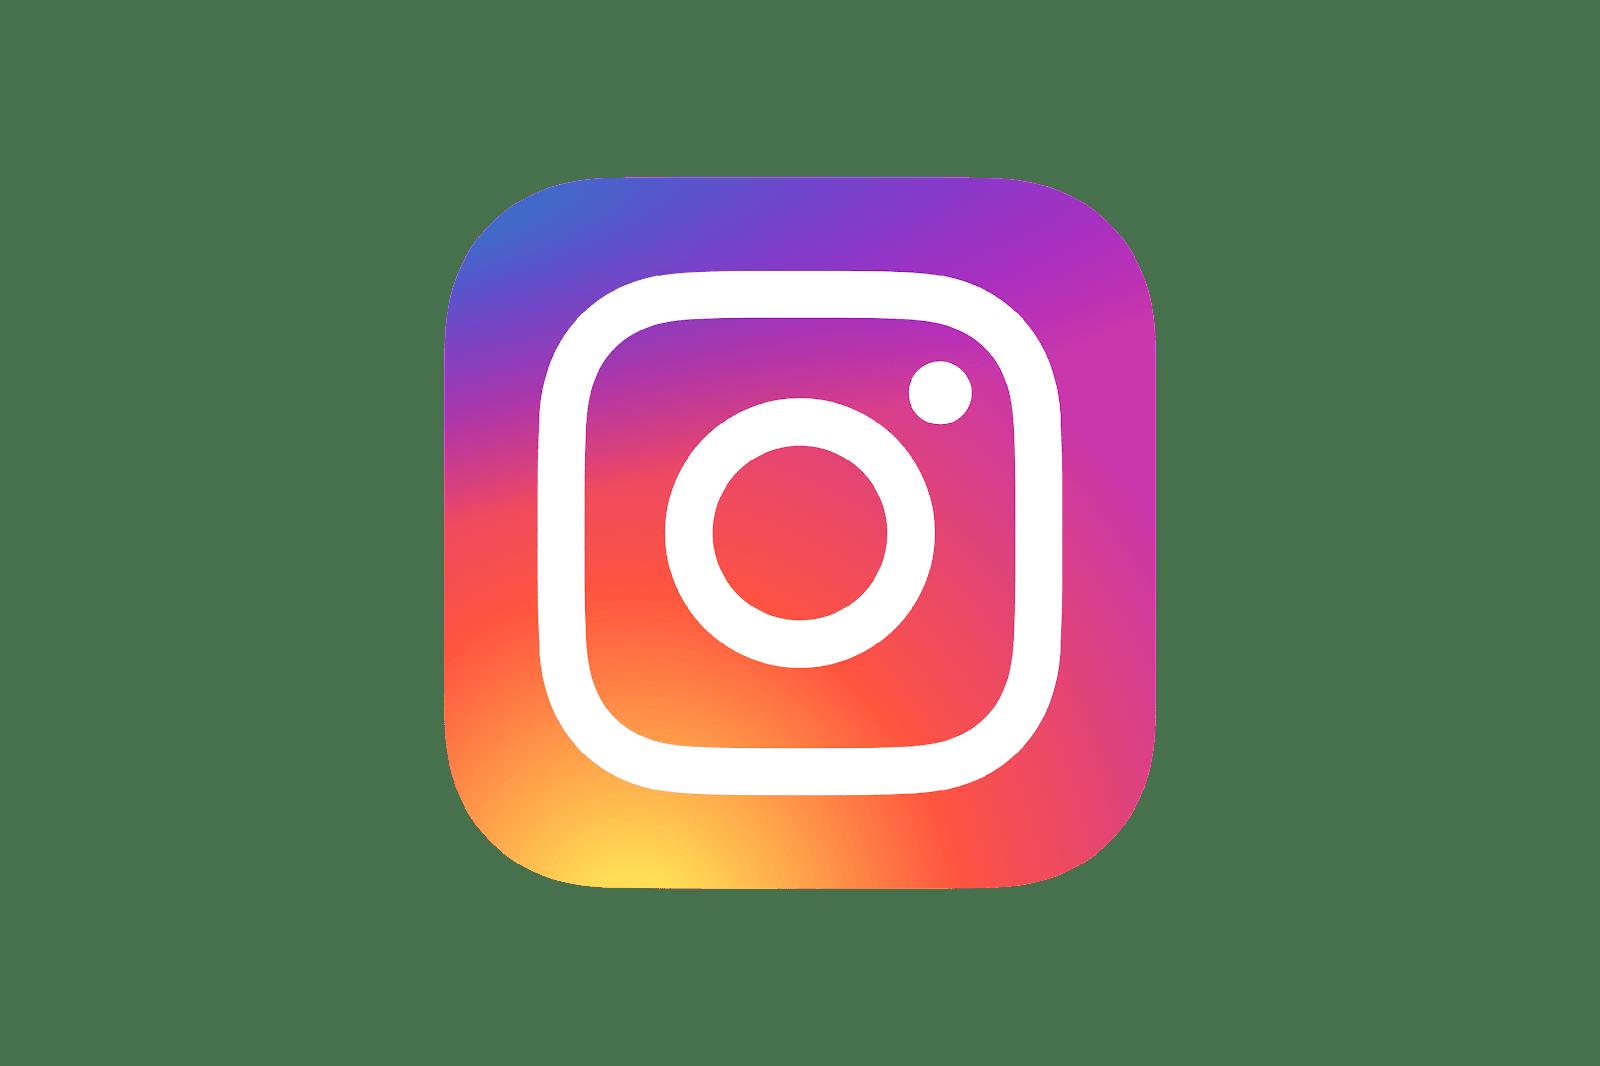 Download Instagram (IG) Logo in SVG Vector or PNG File Format - Logo.wine